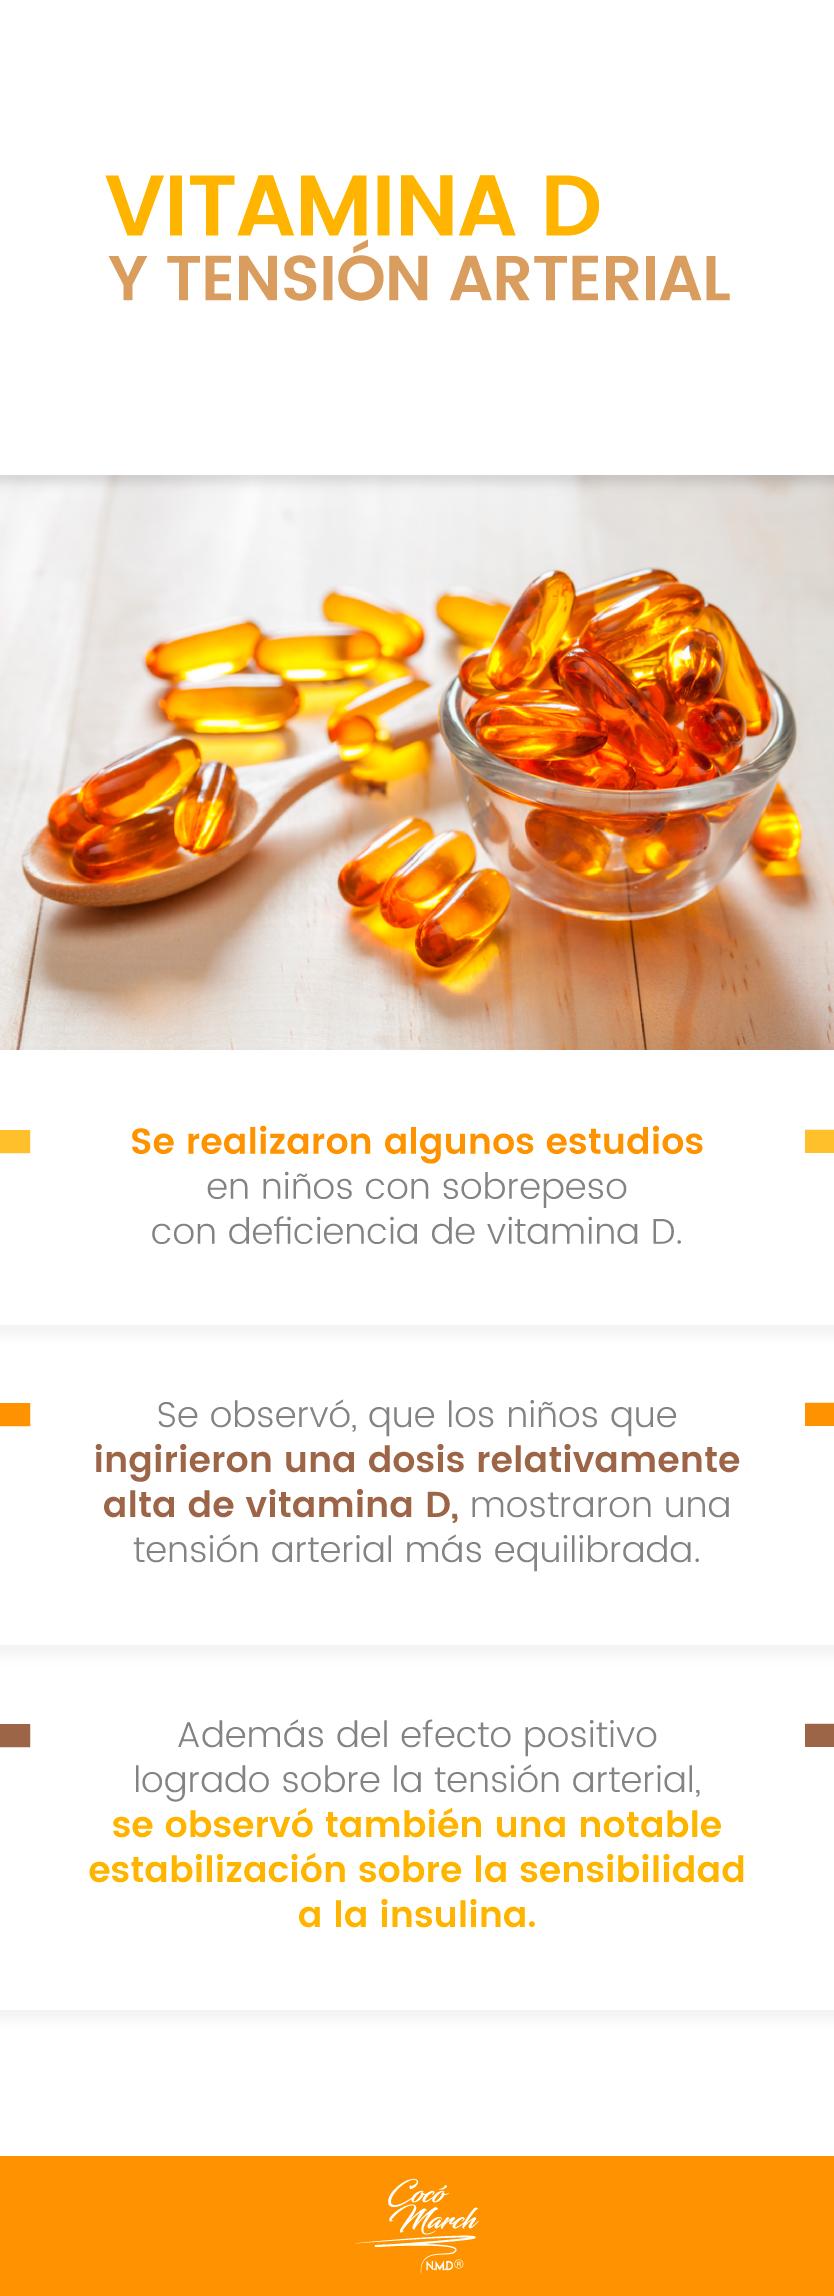 vitamina-d-y-tension-arterial